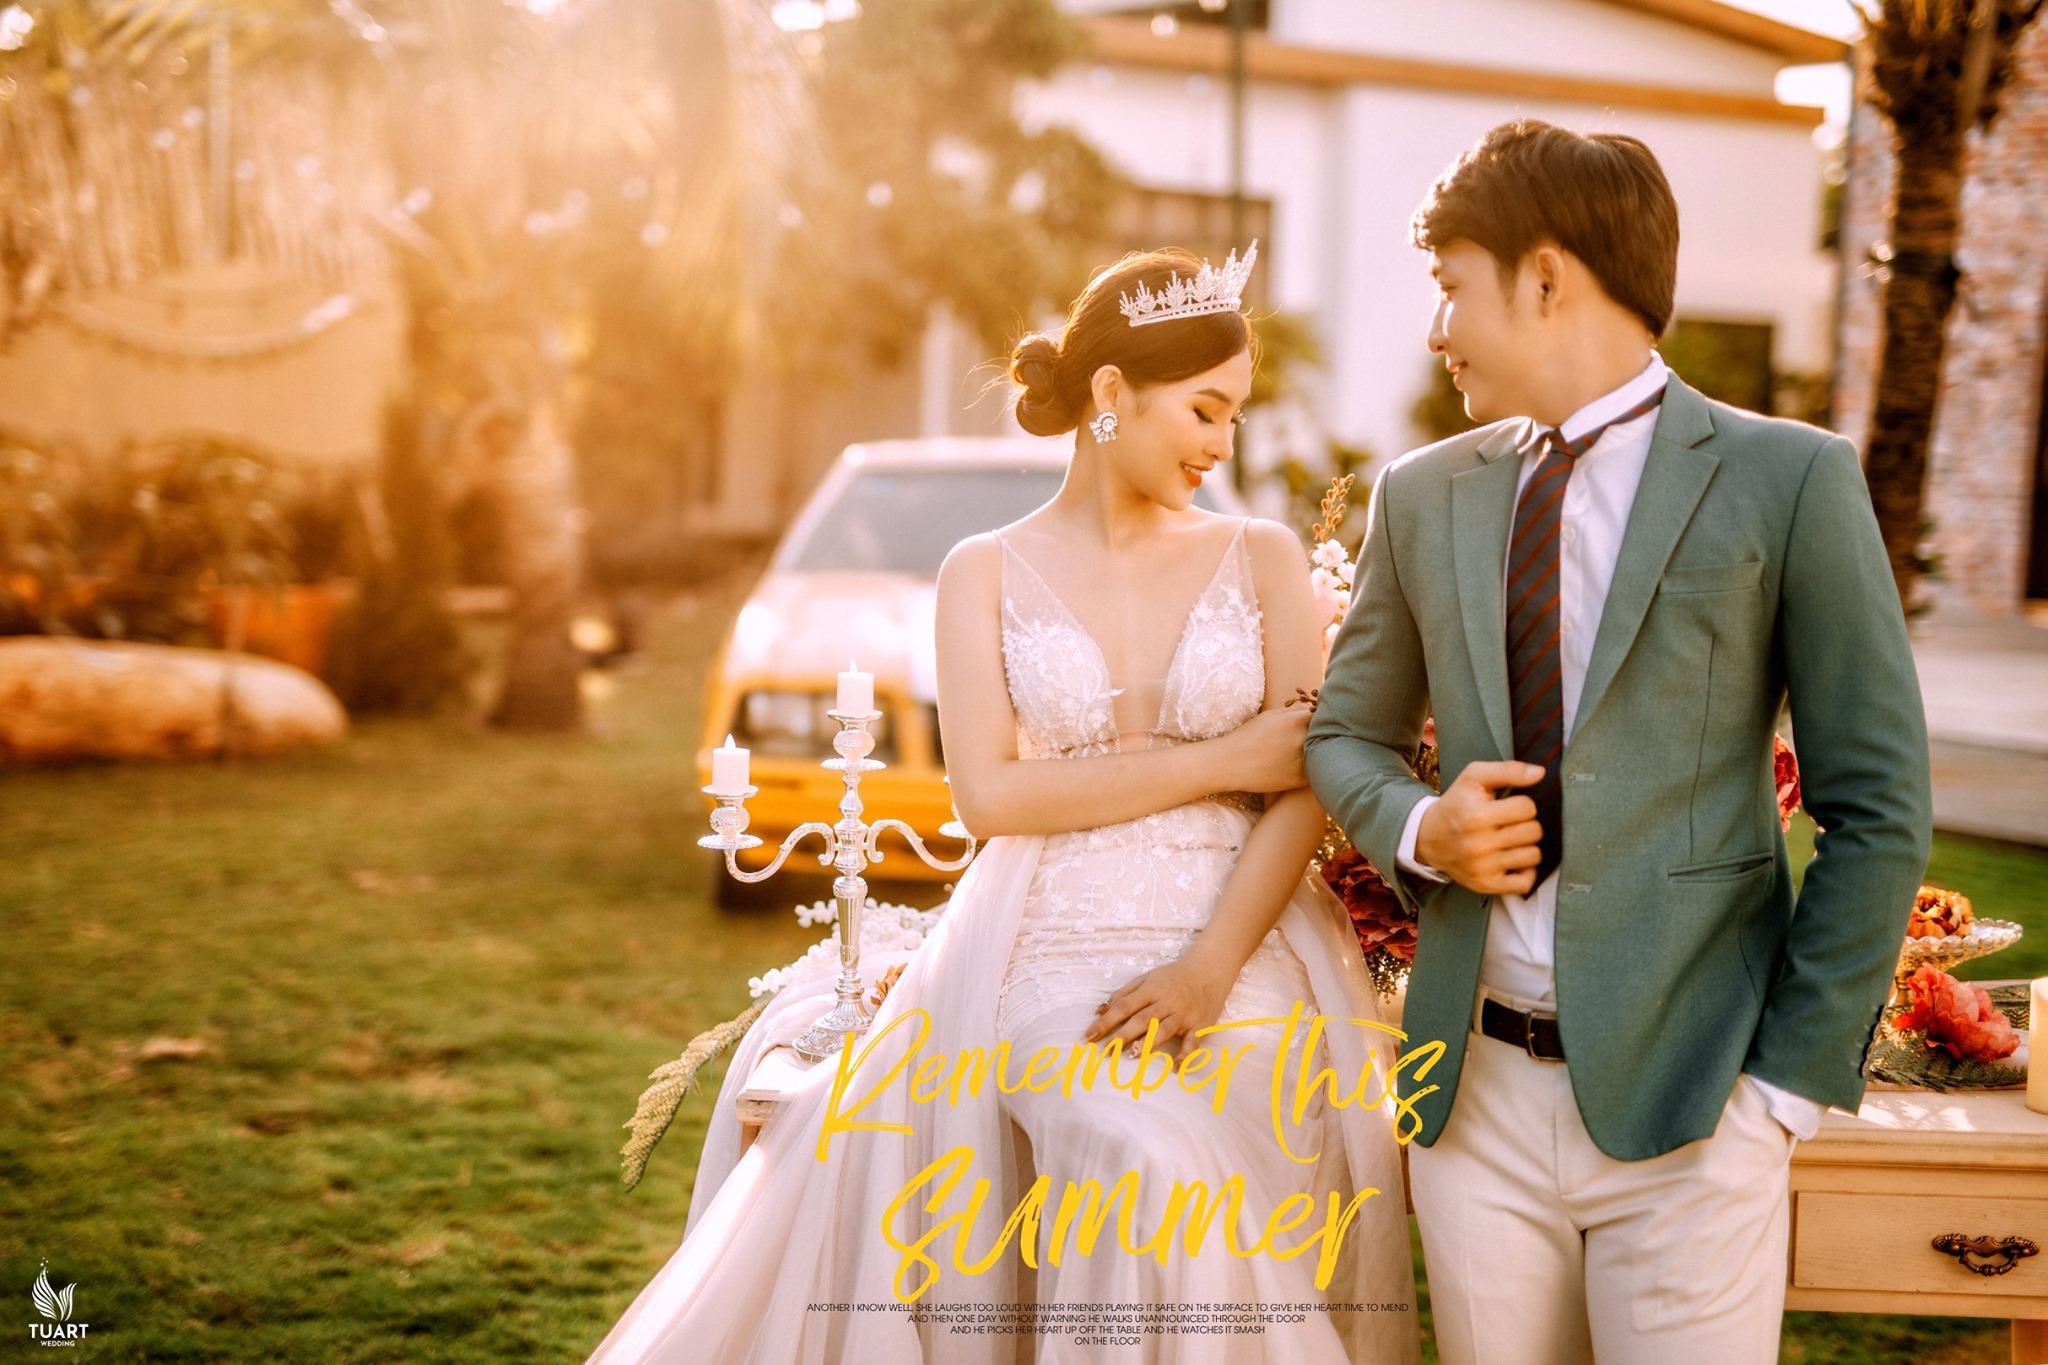 Xếp hạng 14 studio chụp ảnh cưới đẹp nổi tiếng ở Hà Nội -  TuArts